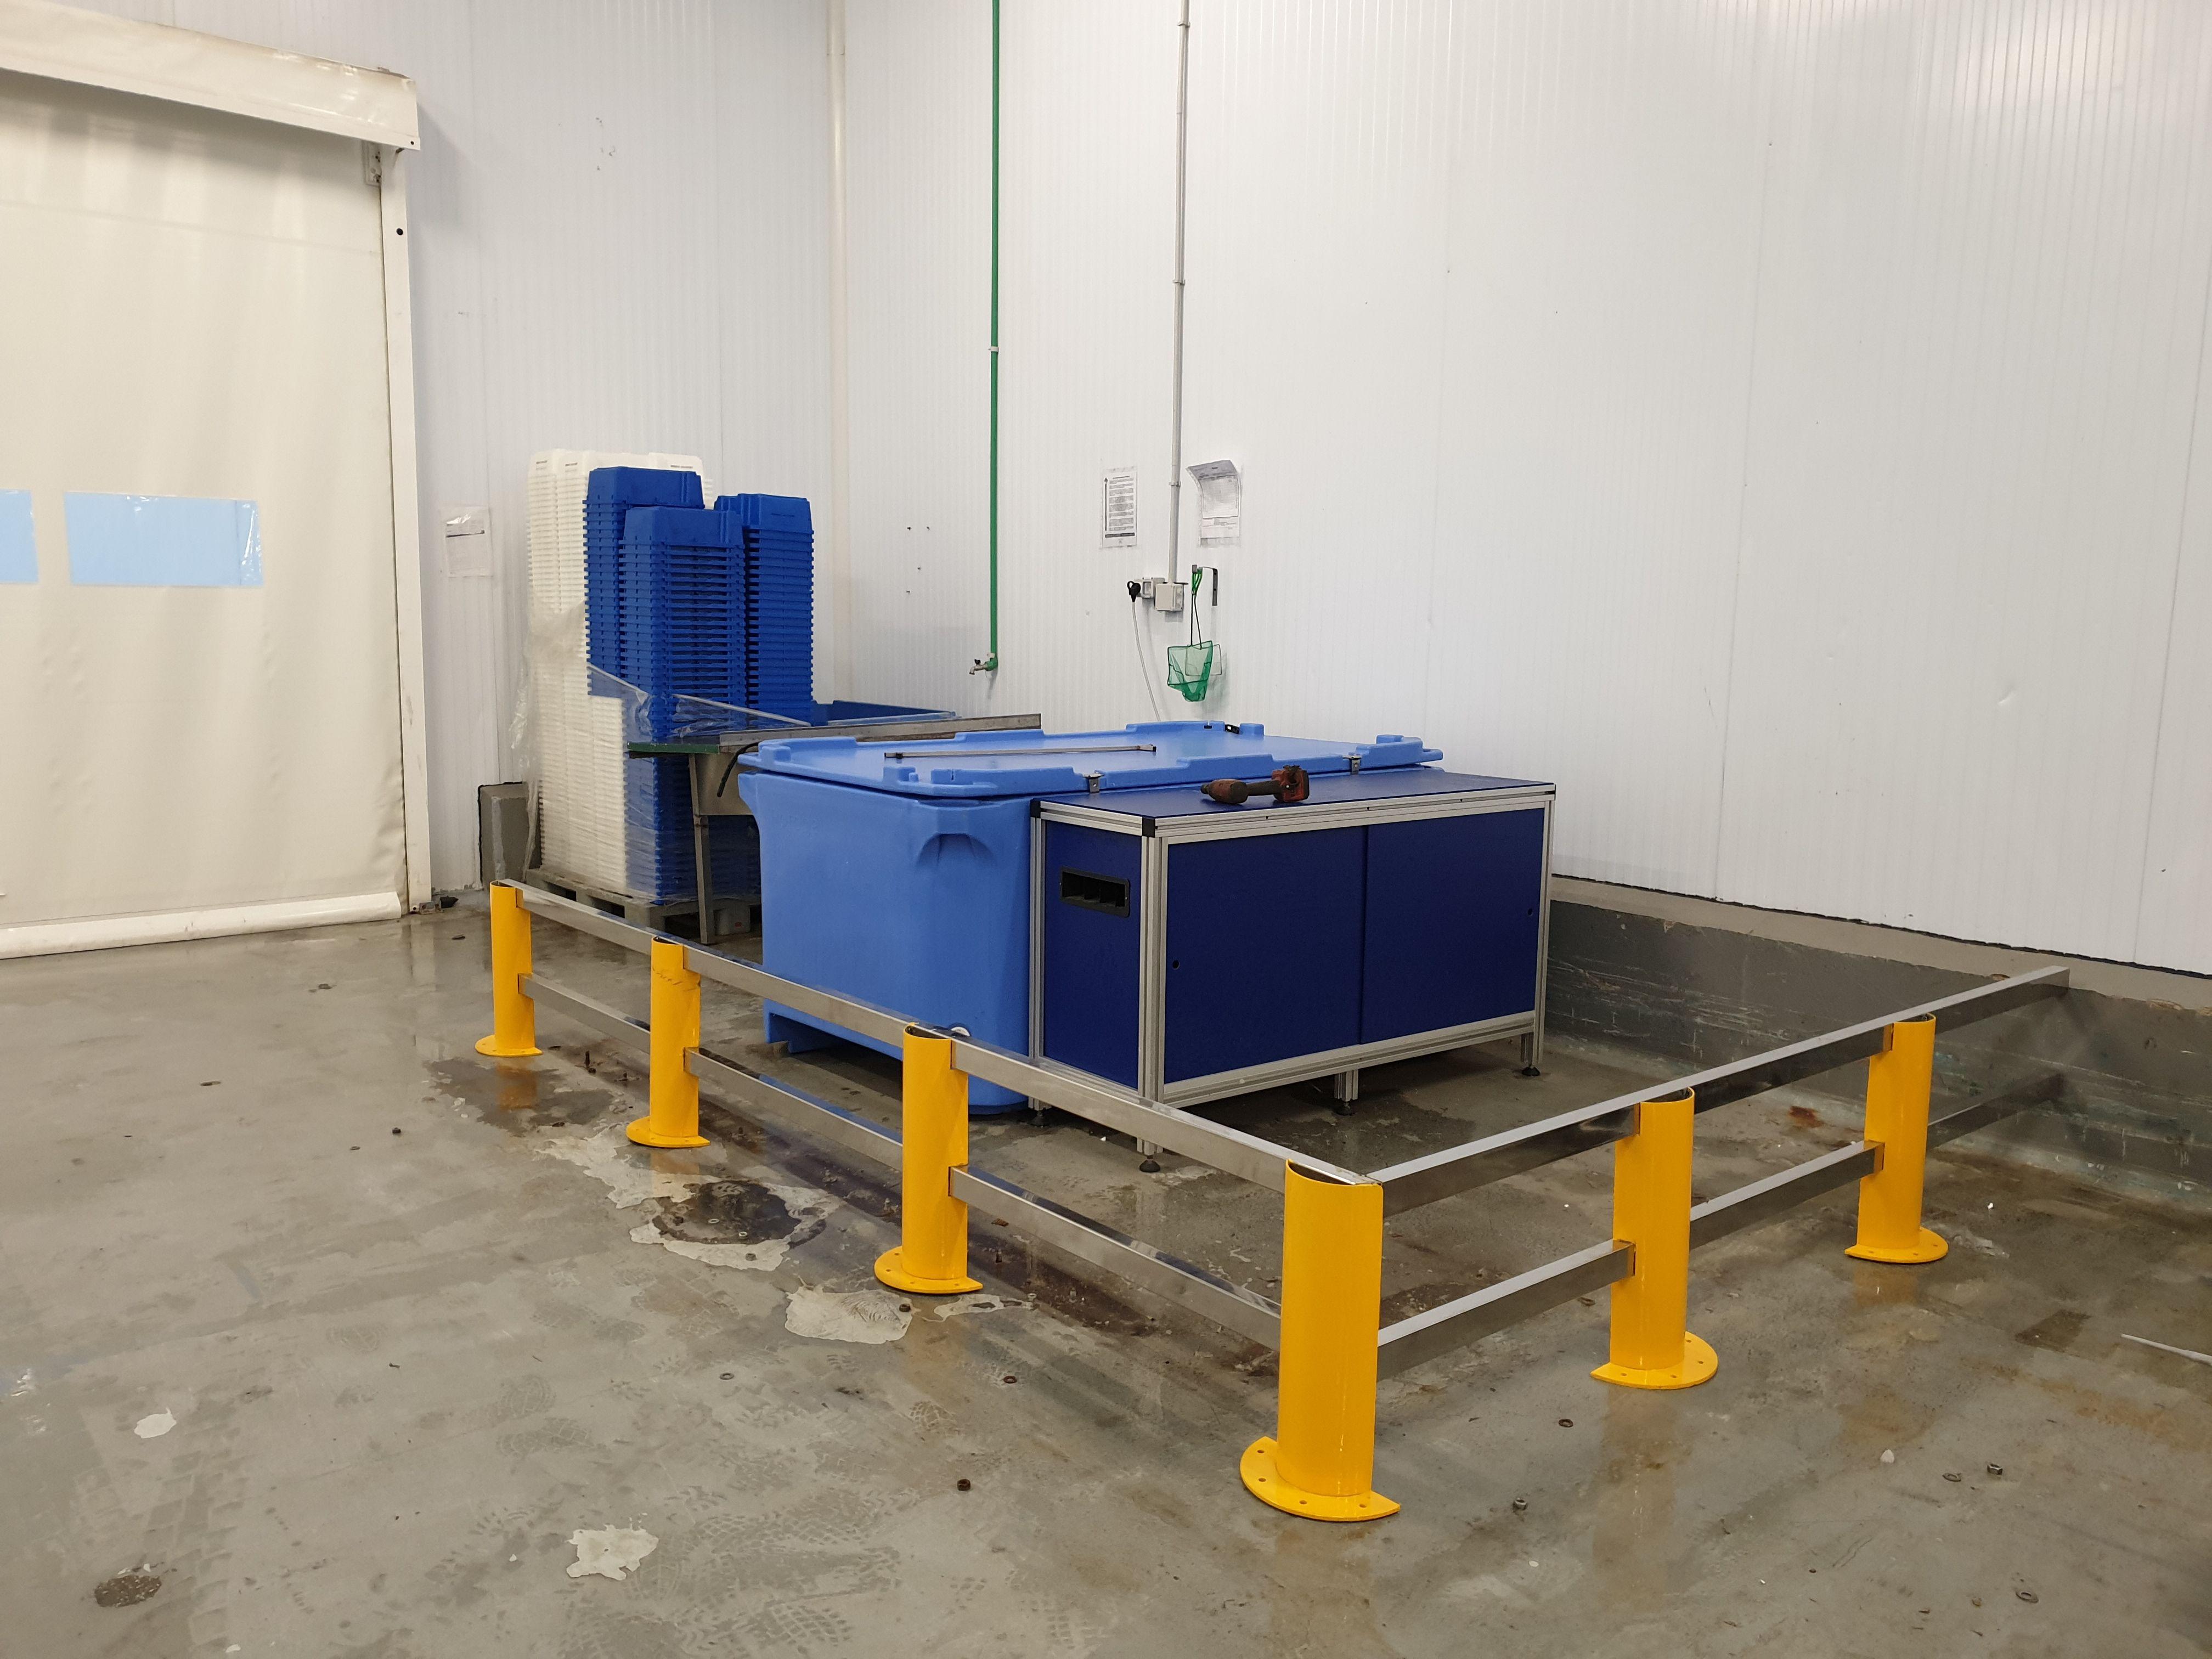 Otros trabajos: Servicios de AGM Reparaciones y Mantenimientos